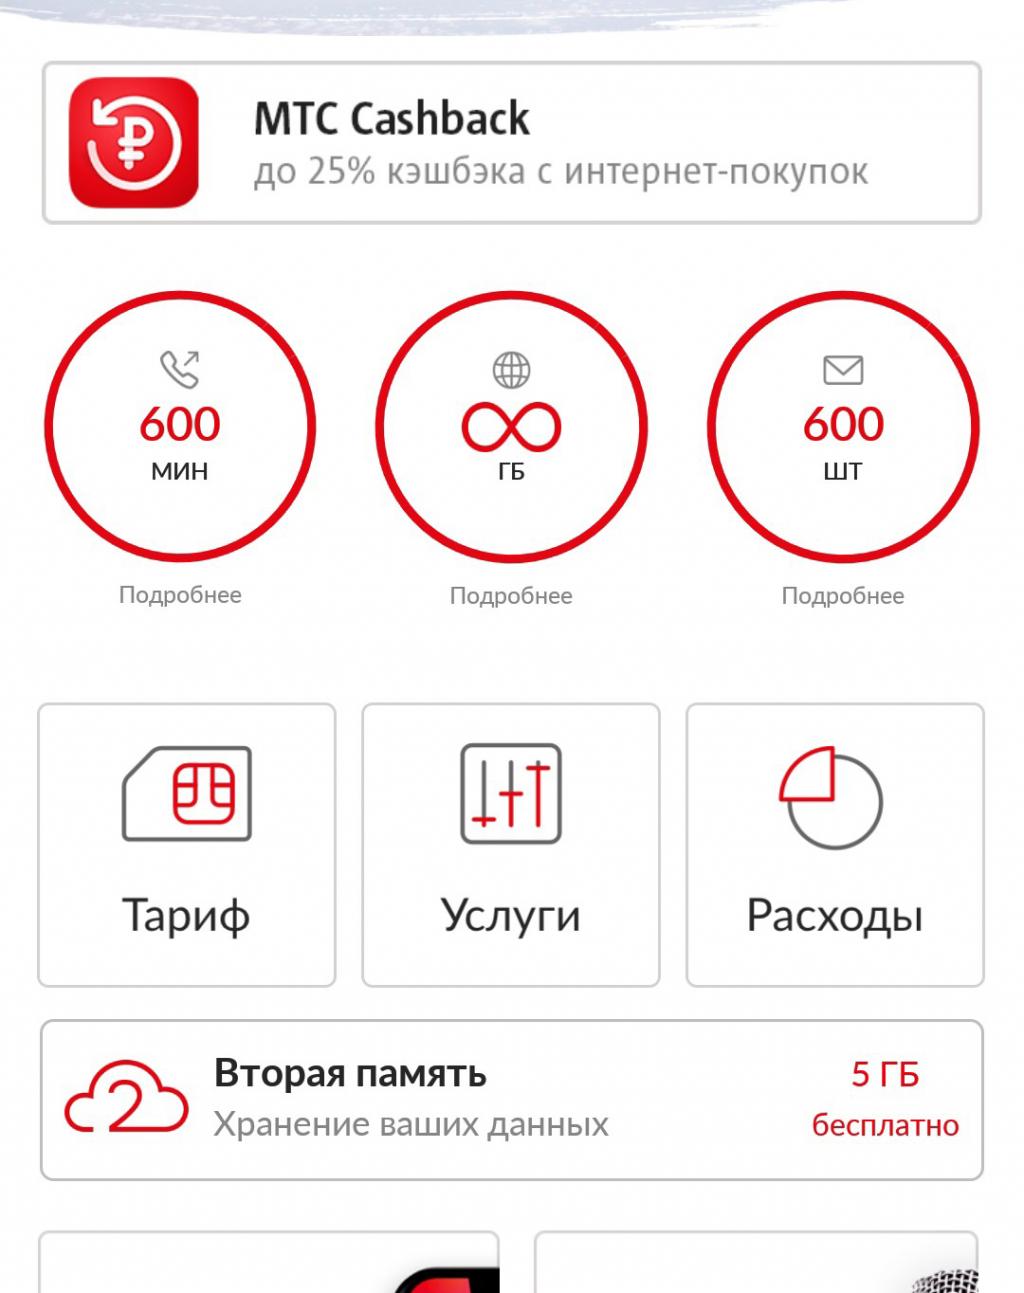 sim24.online безлимитный интернет и тарифы для звонков - Смарт для своих все отлично